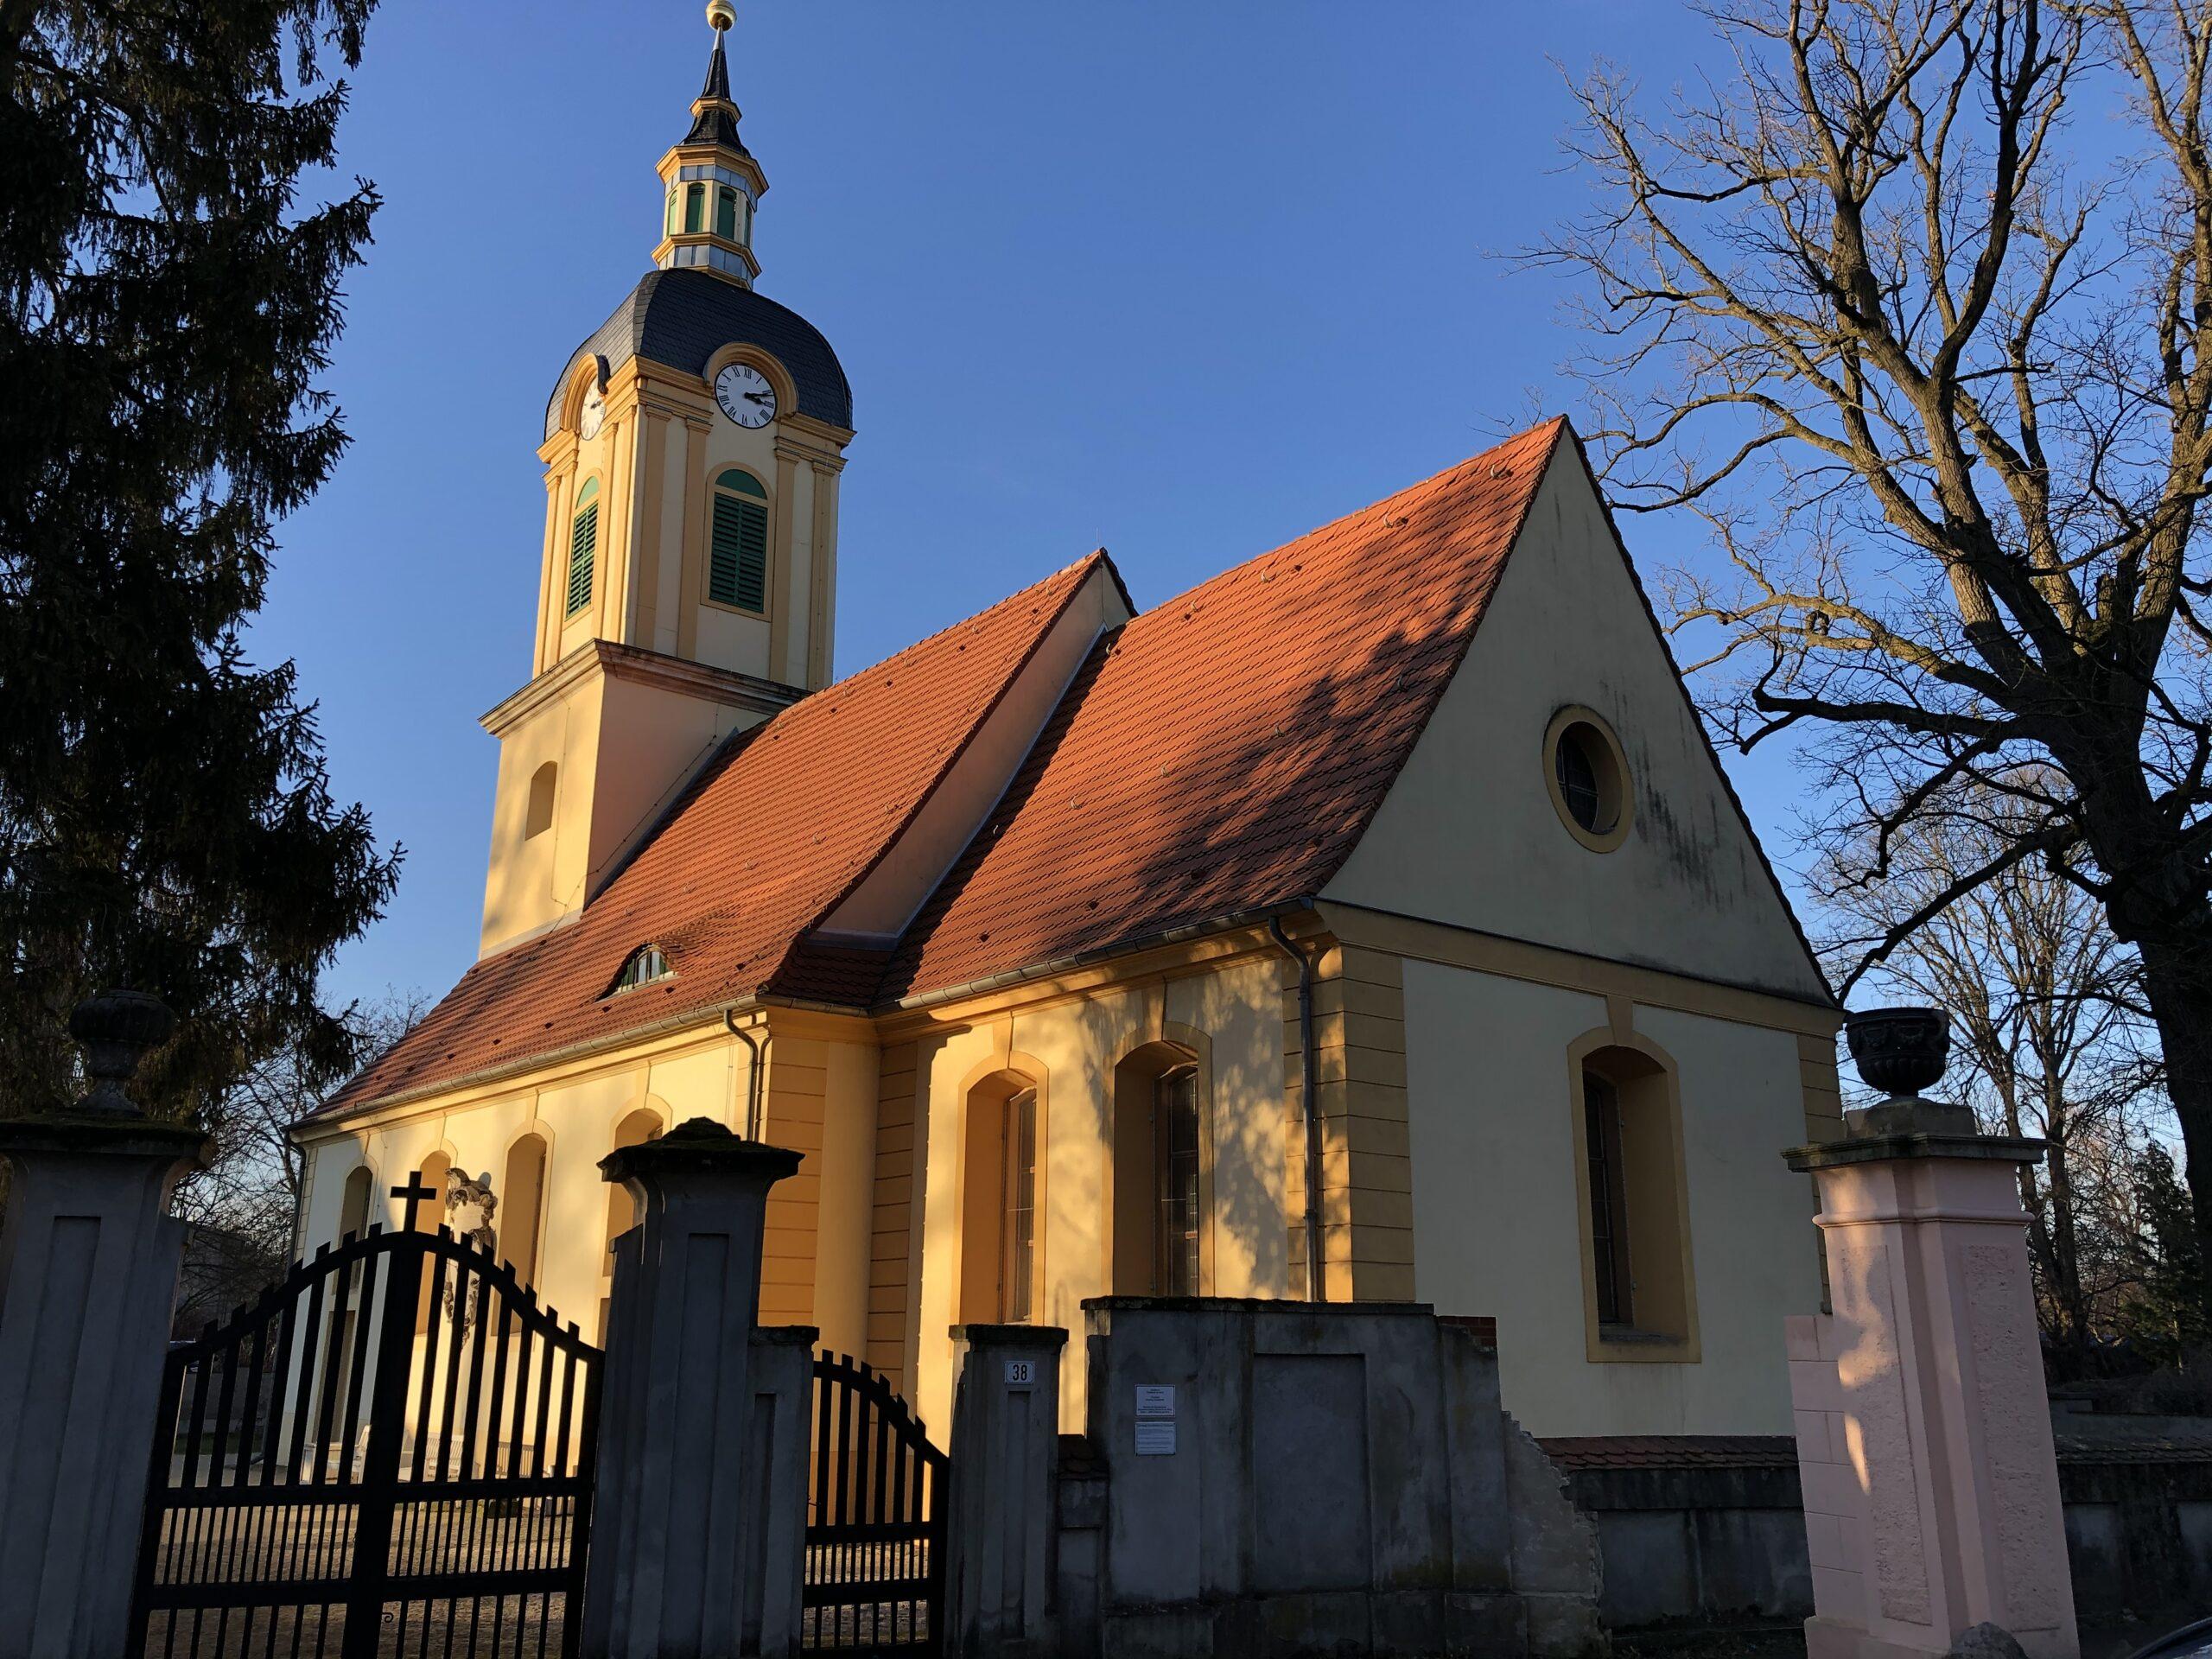 Ehemahlige Schloßkirche Schöneiche